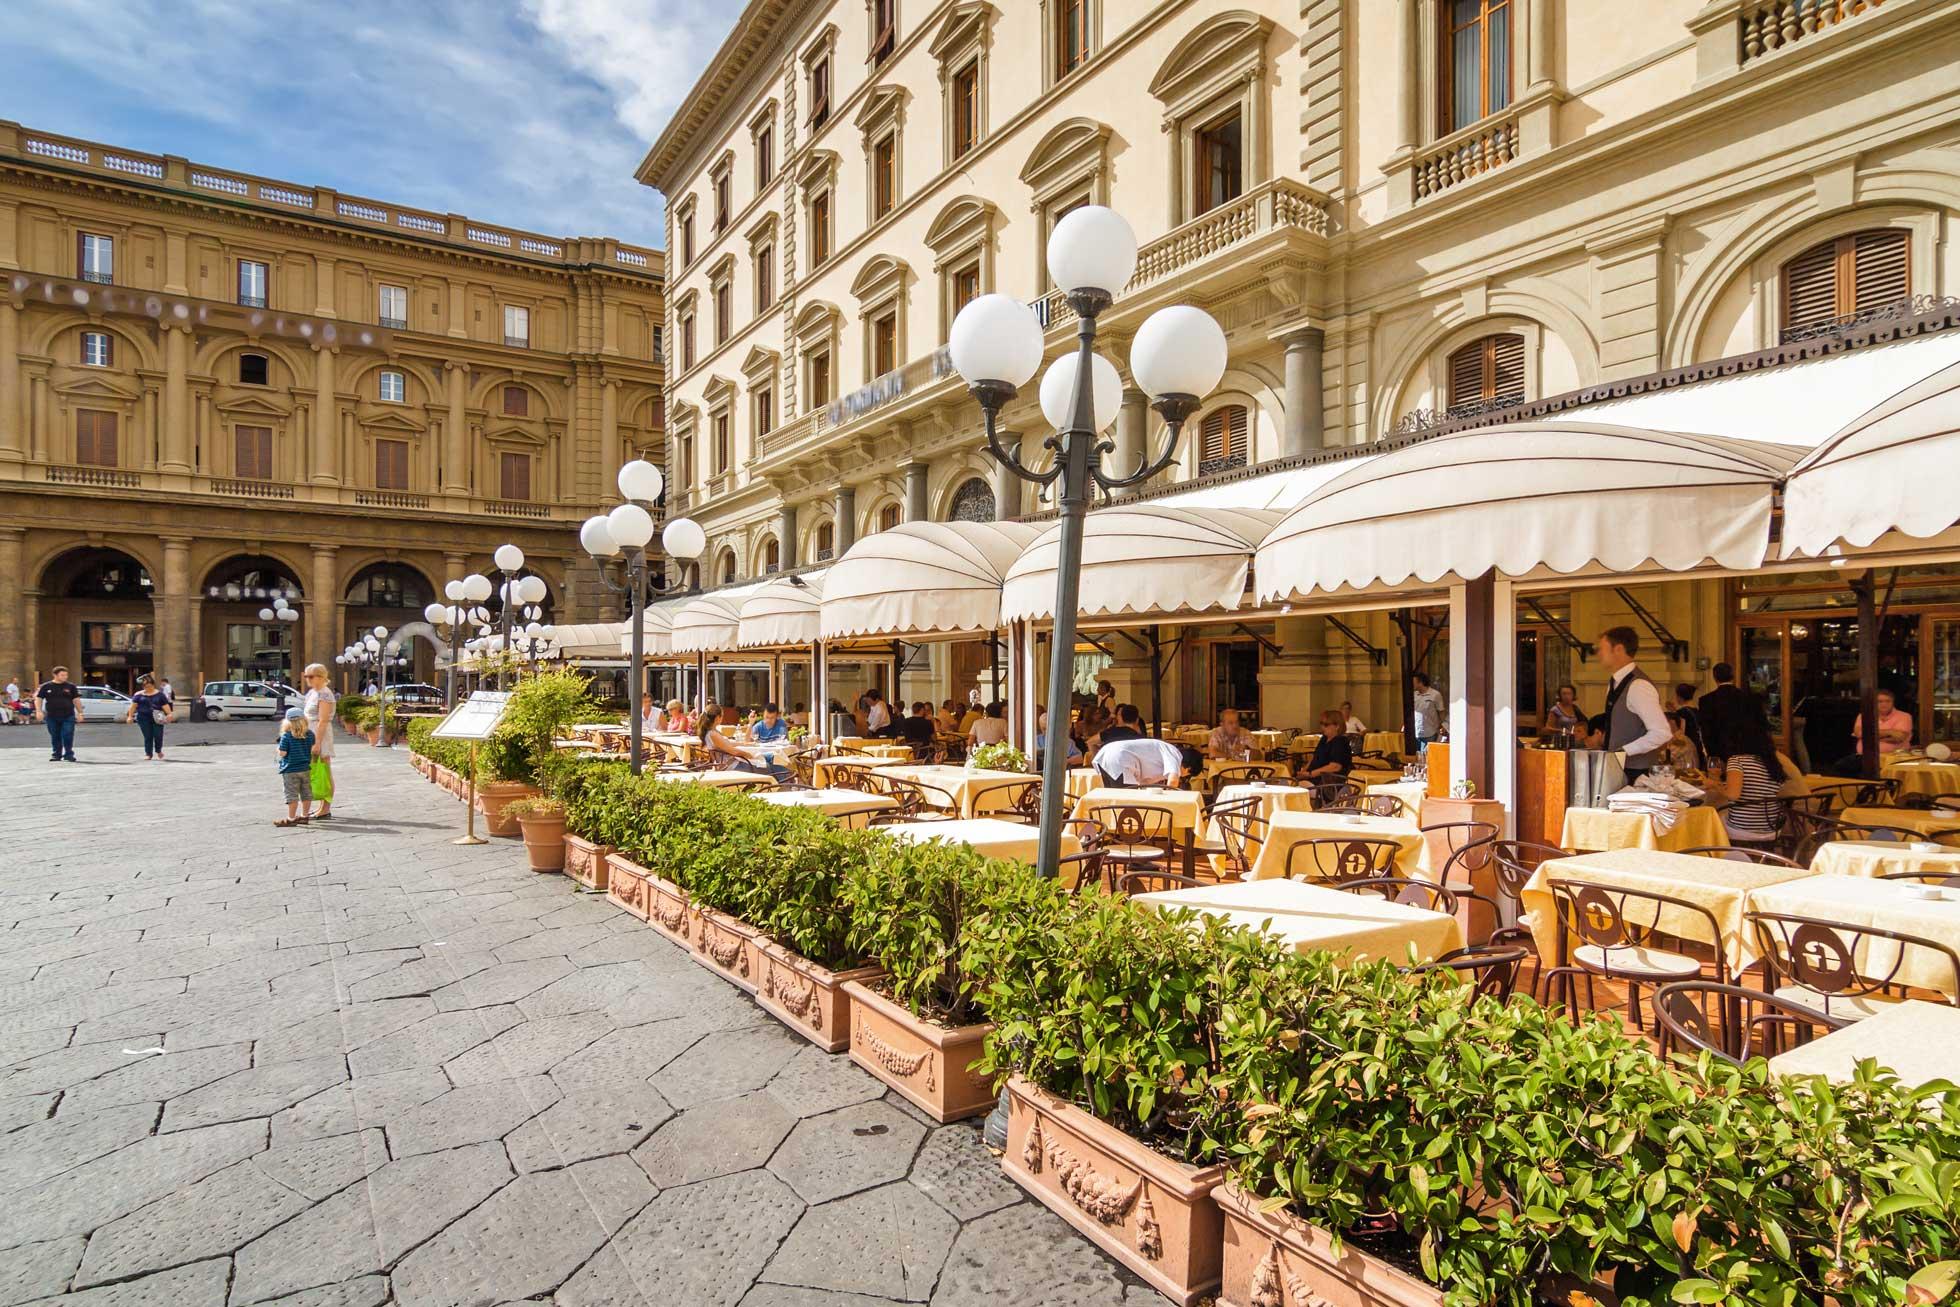 Grupp- och konferensresa Florens Toscana